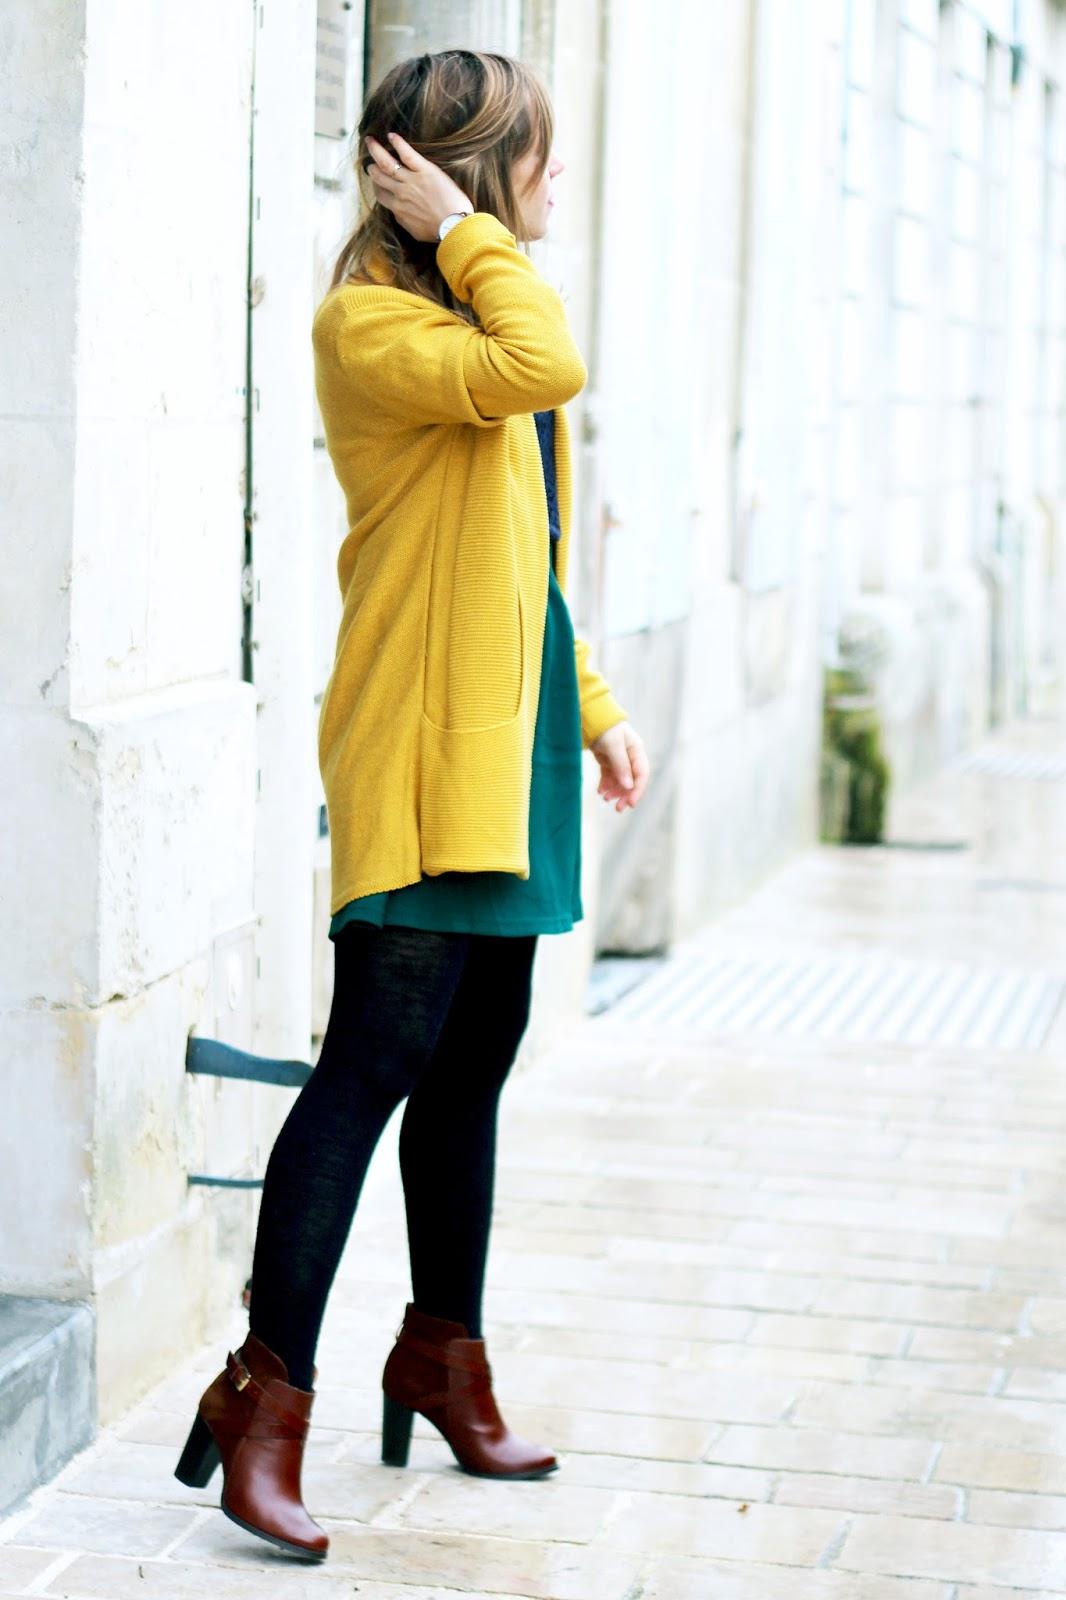 Blog mode lifestyle et bonne humeur la penderie de chlo couleurs d 39 hiver - Quelle couleur associer au jaune moutarde ...